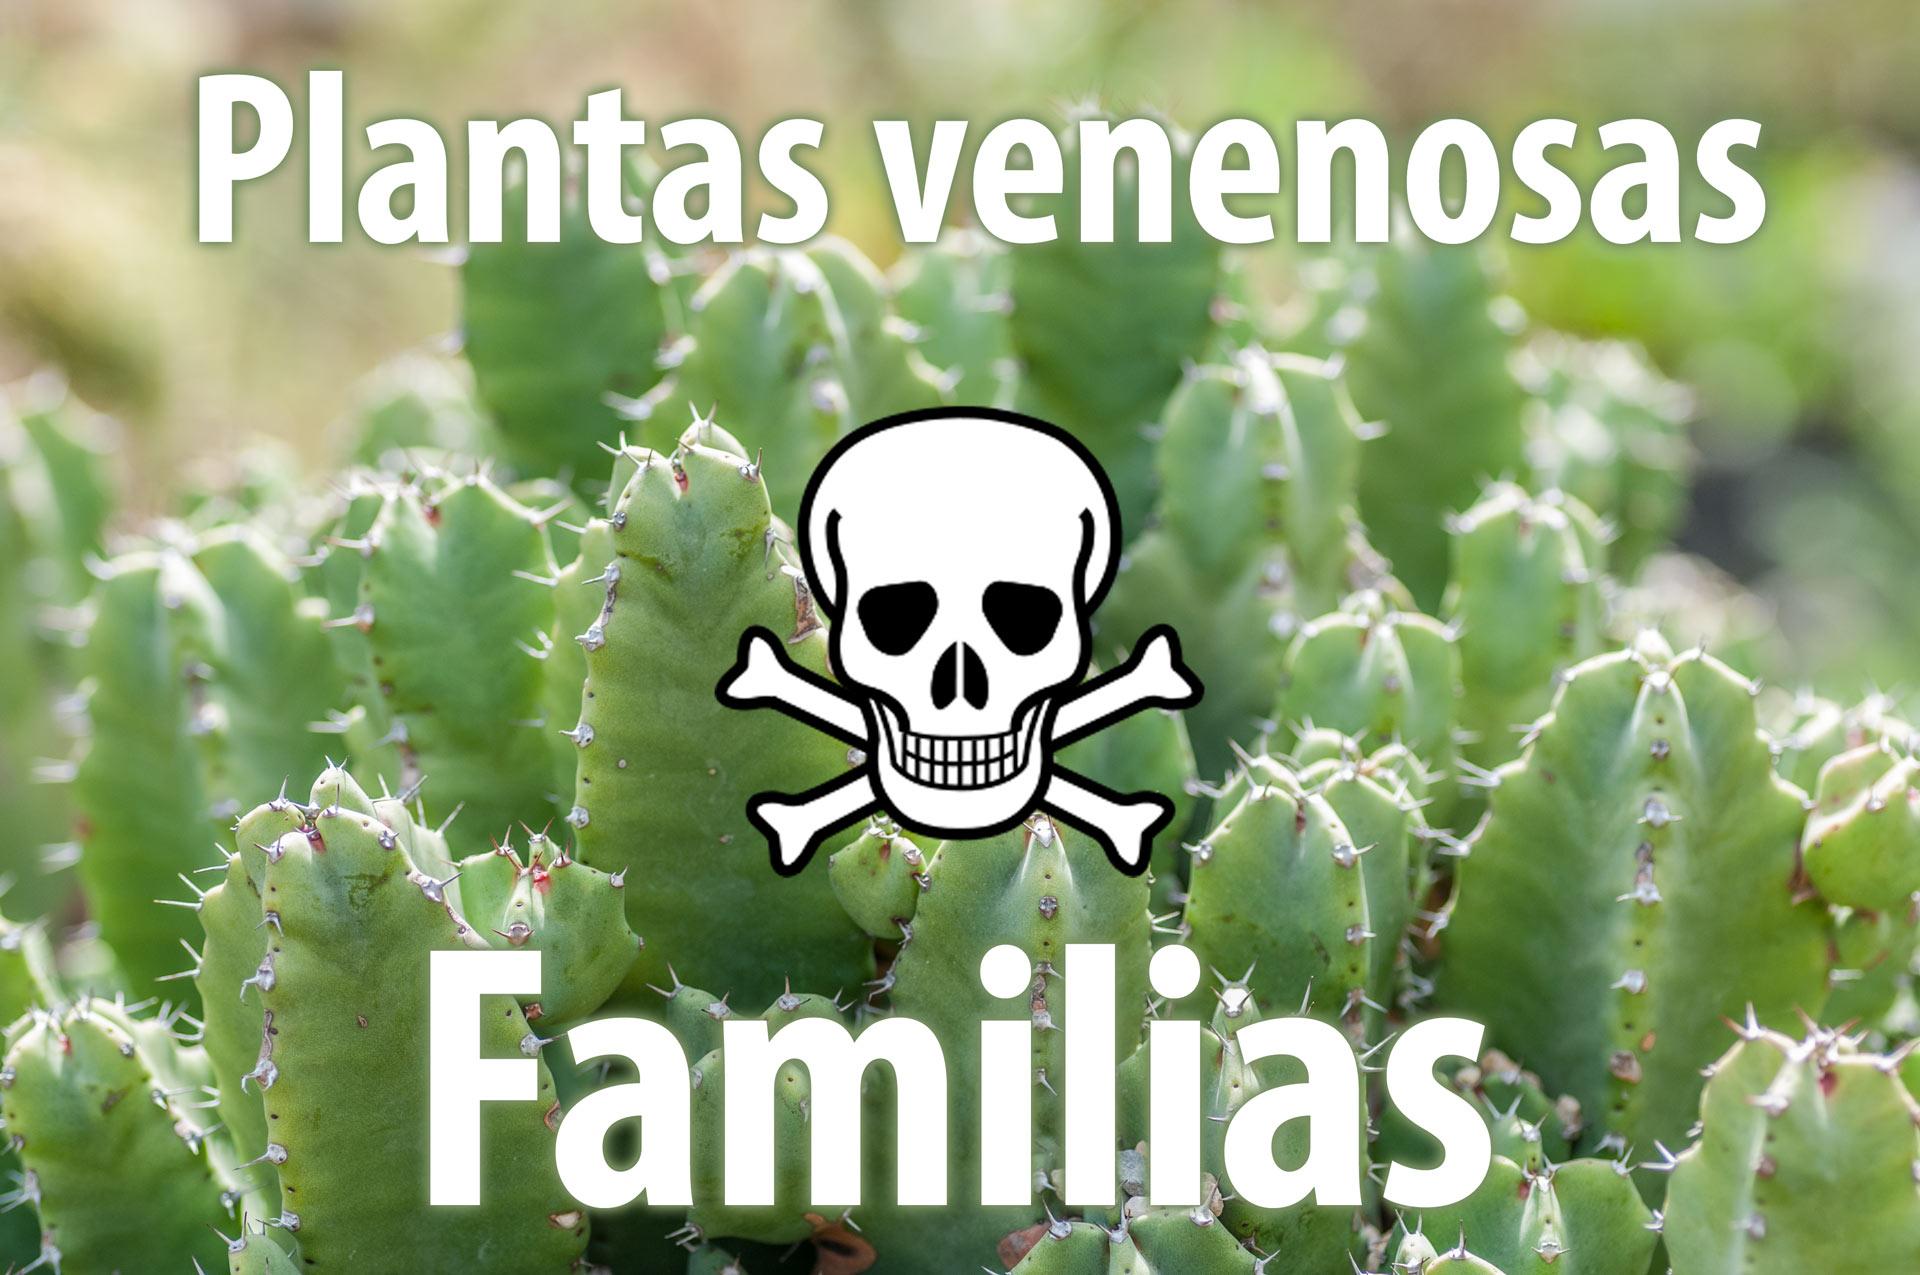 Familias De Las Plantas Venenosas Plantas Venenosas